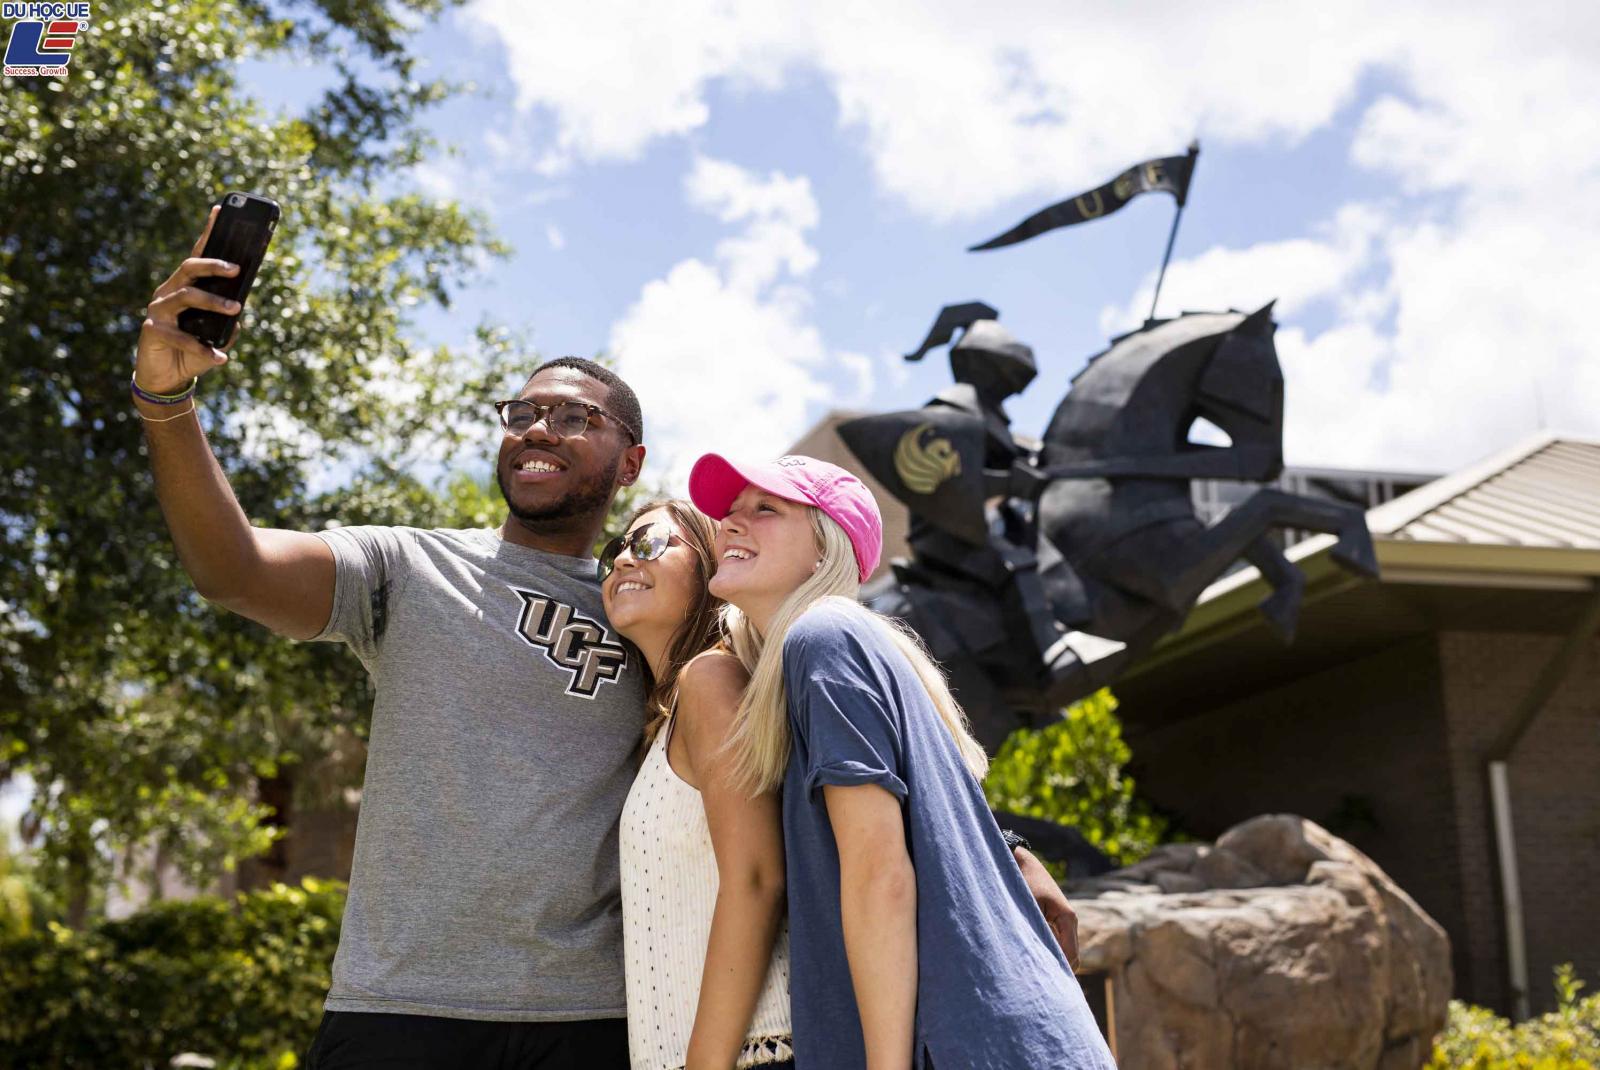 University of Central Florida - Ngôi trường lớn thứ 2 tại Hoa Kỳ 2